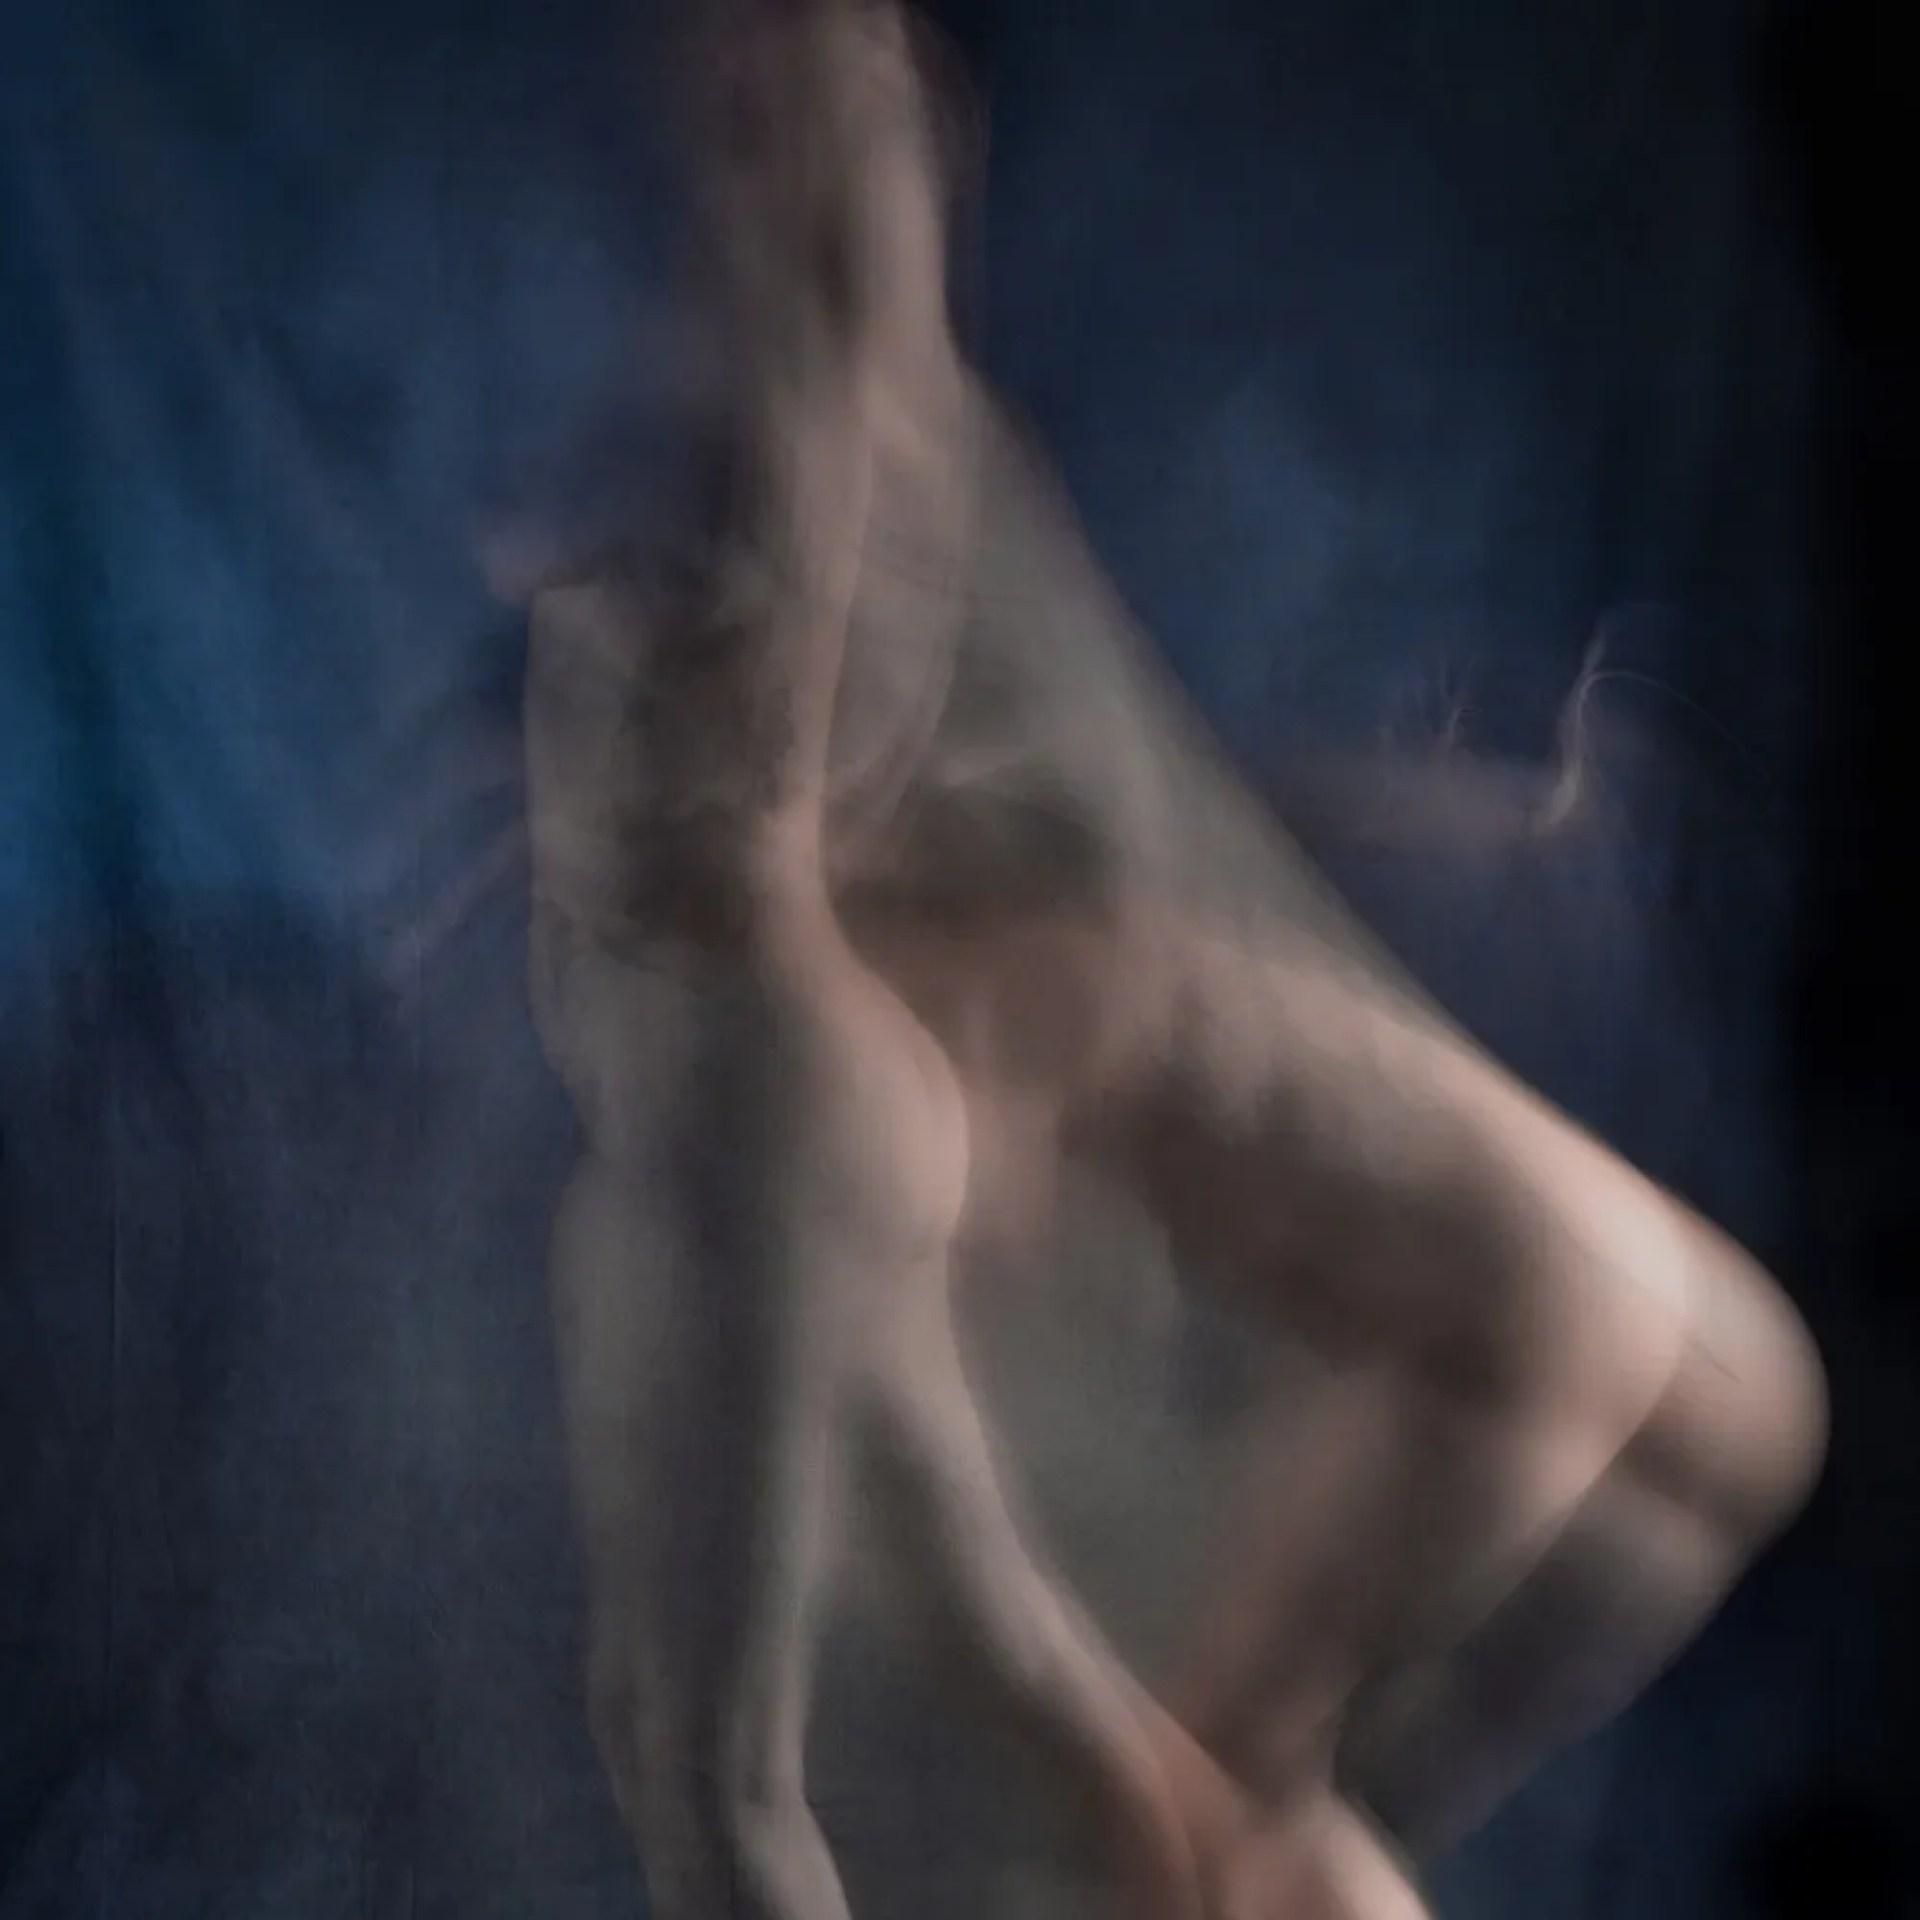 femme nu artistique en flou de mouvement dédoublement danse de profil